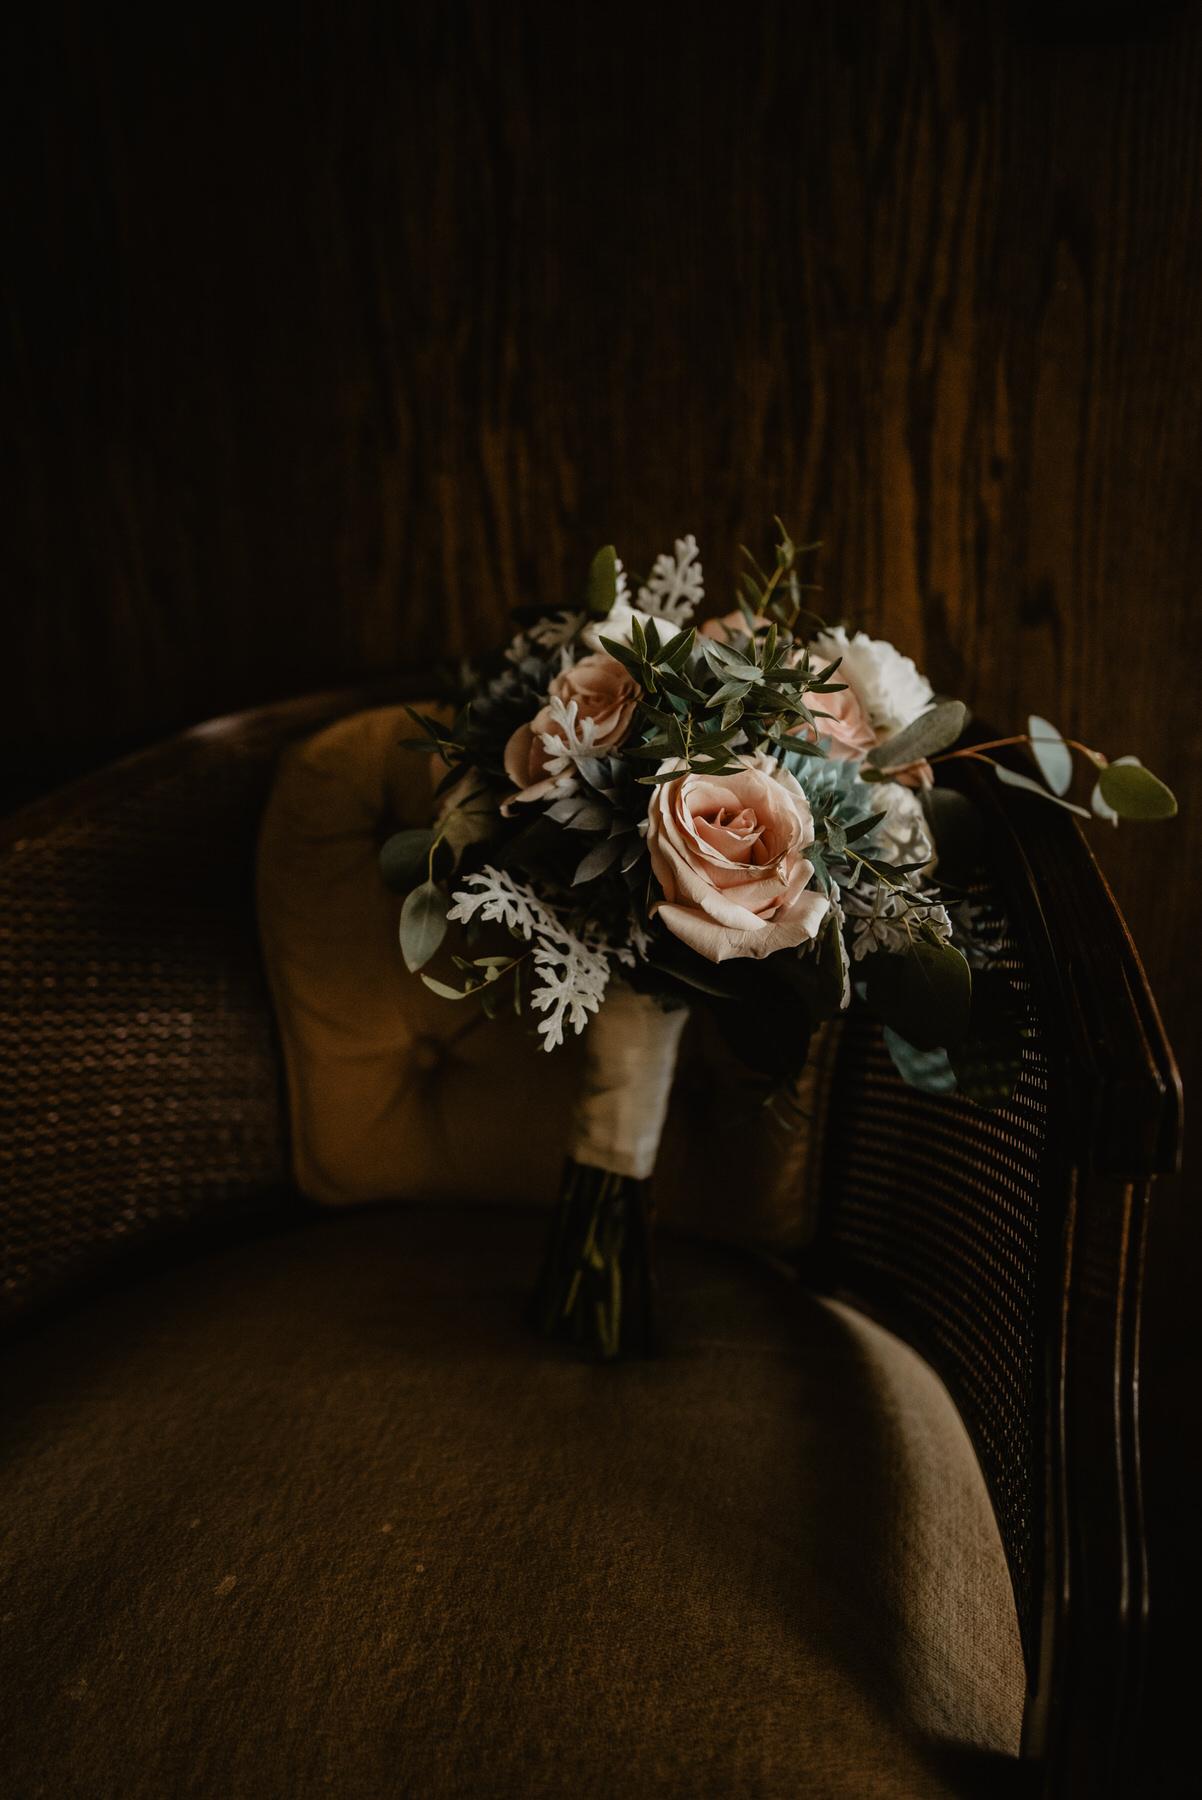 Kaylie-Sirek-Photography-Kearney-Nebraska-Wedding-030.jpg